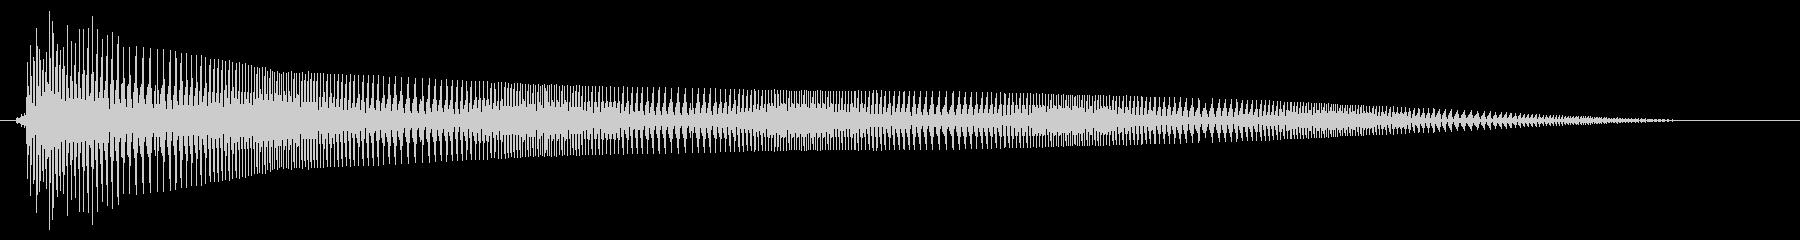 ビヨヨヨョ〜ン(伸縮するコミカルな音)の未再生の波形